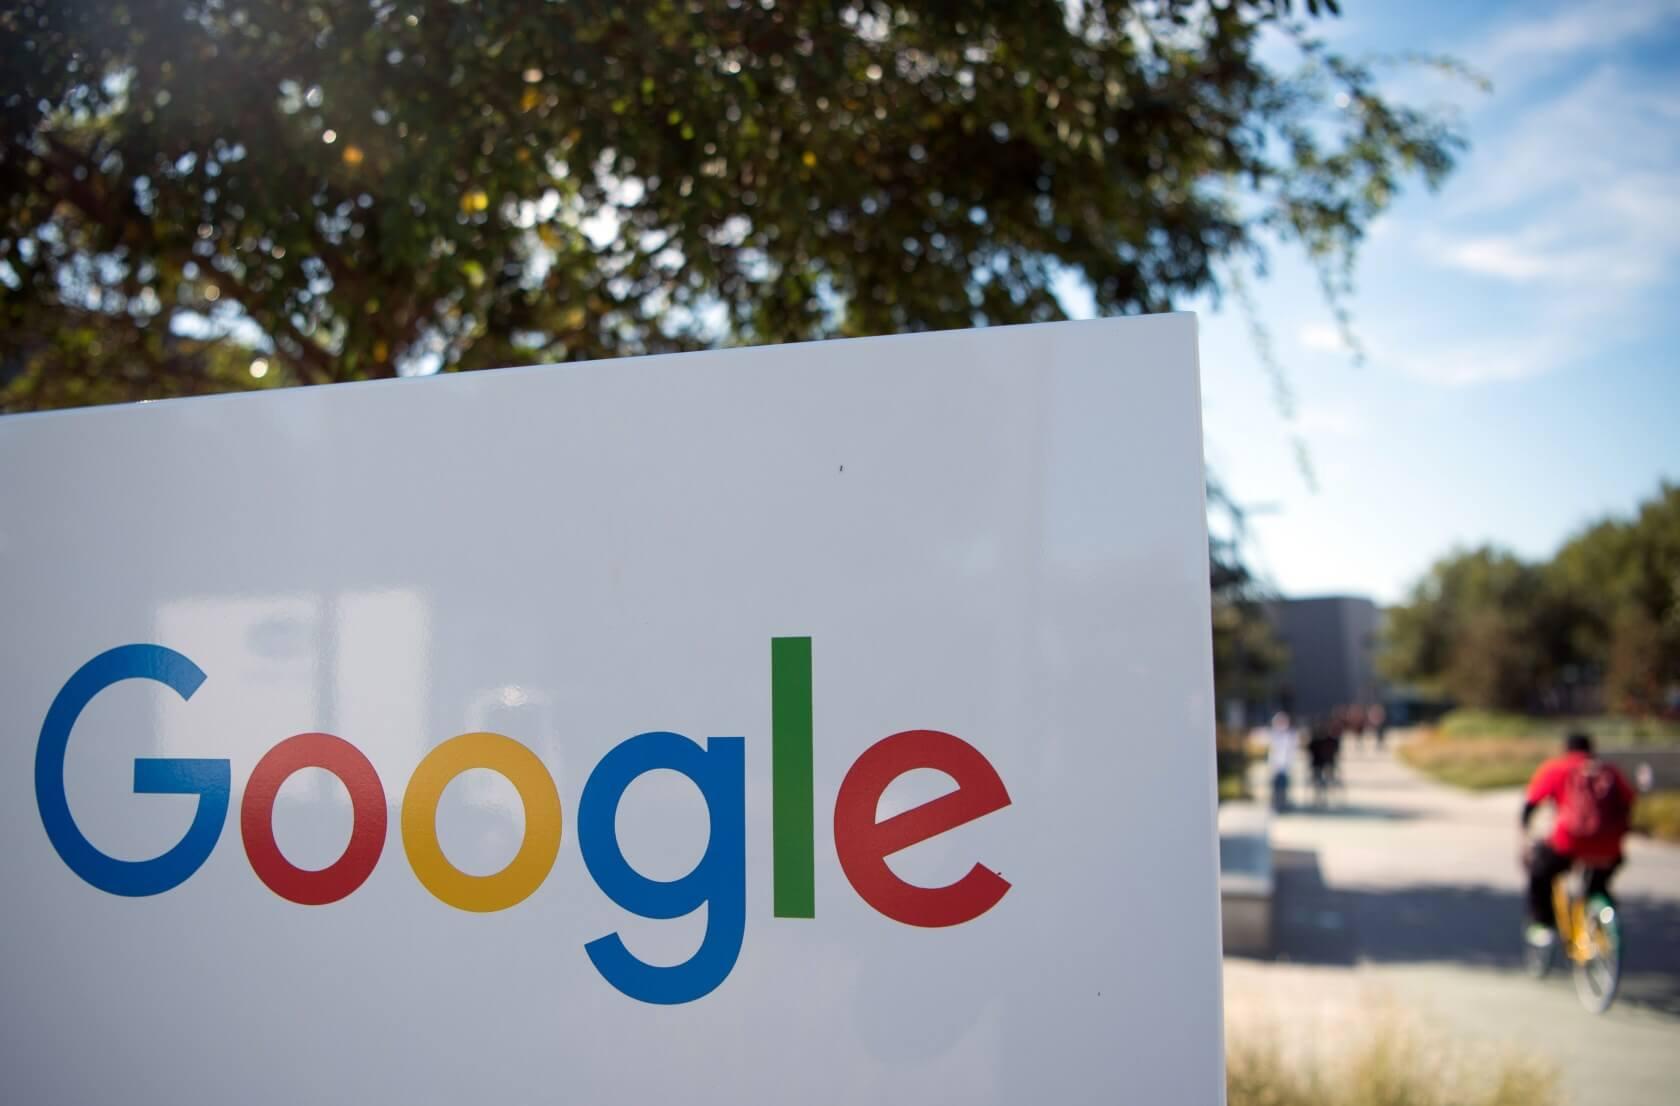 google a great boss